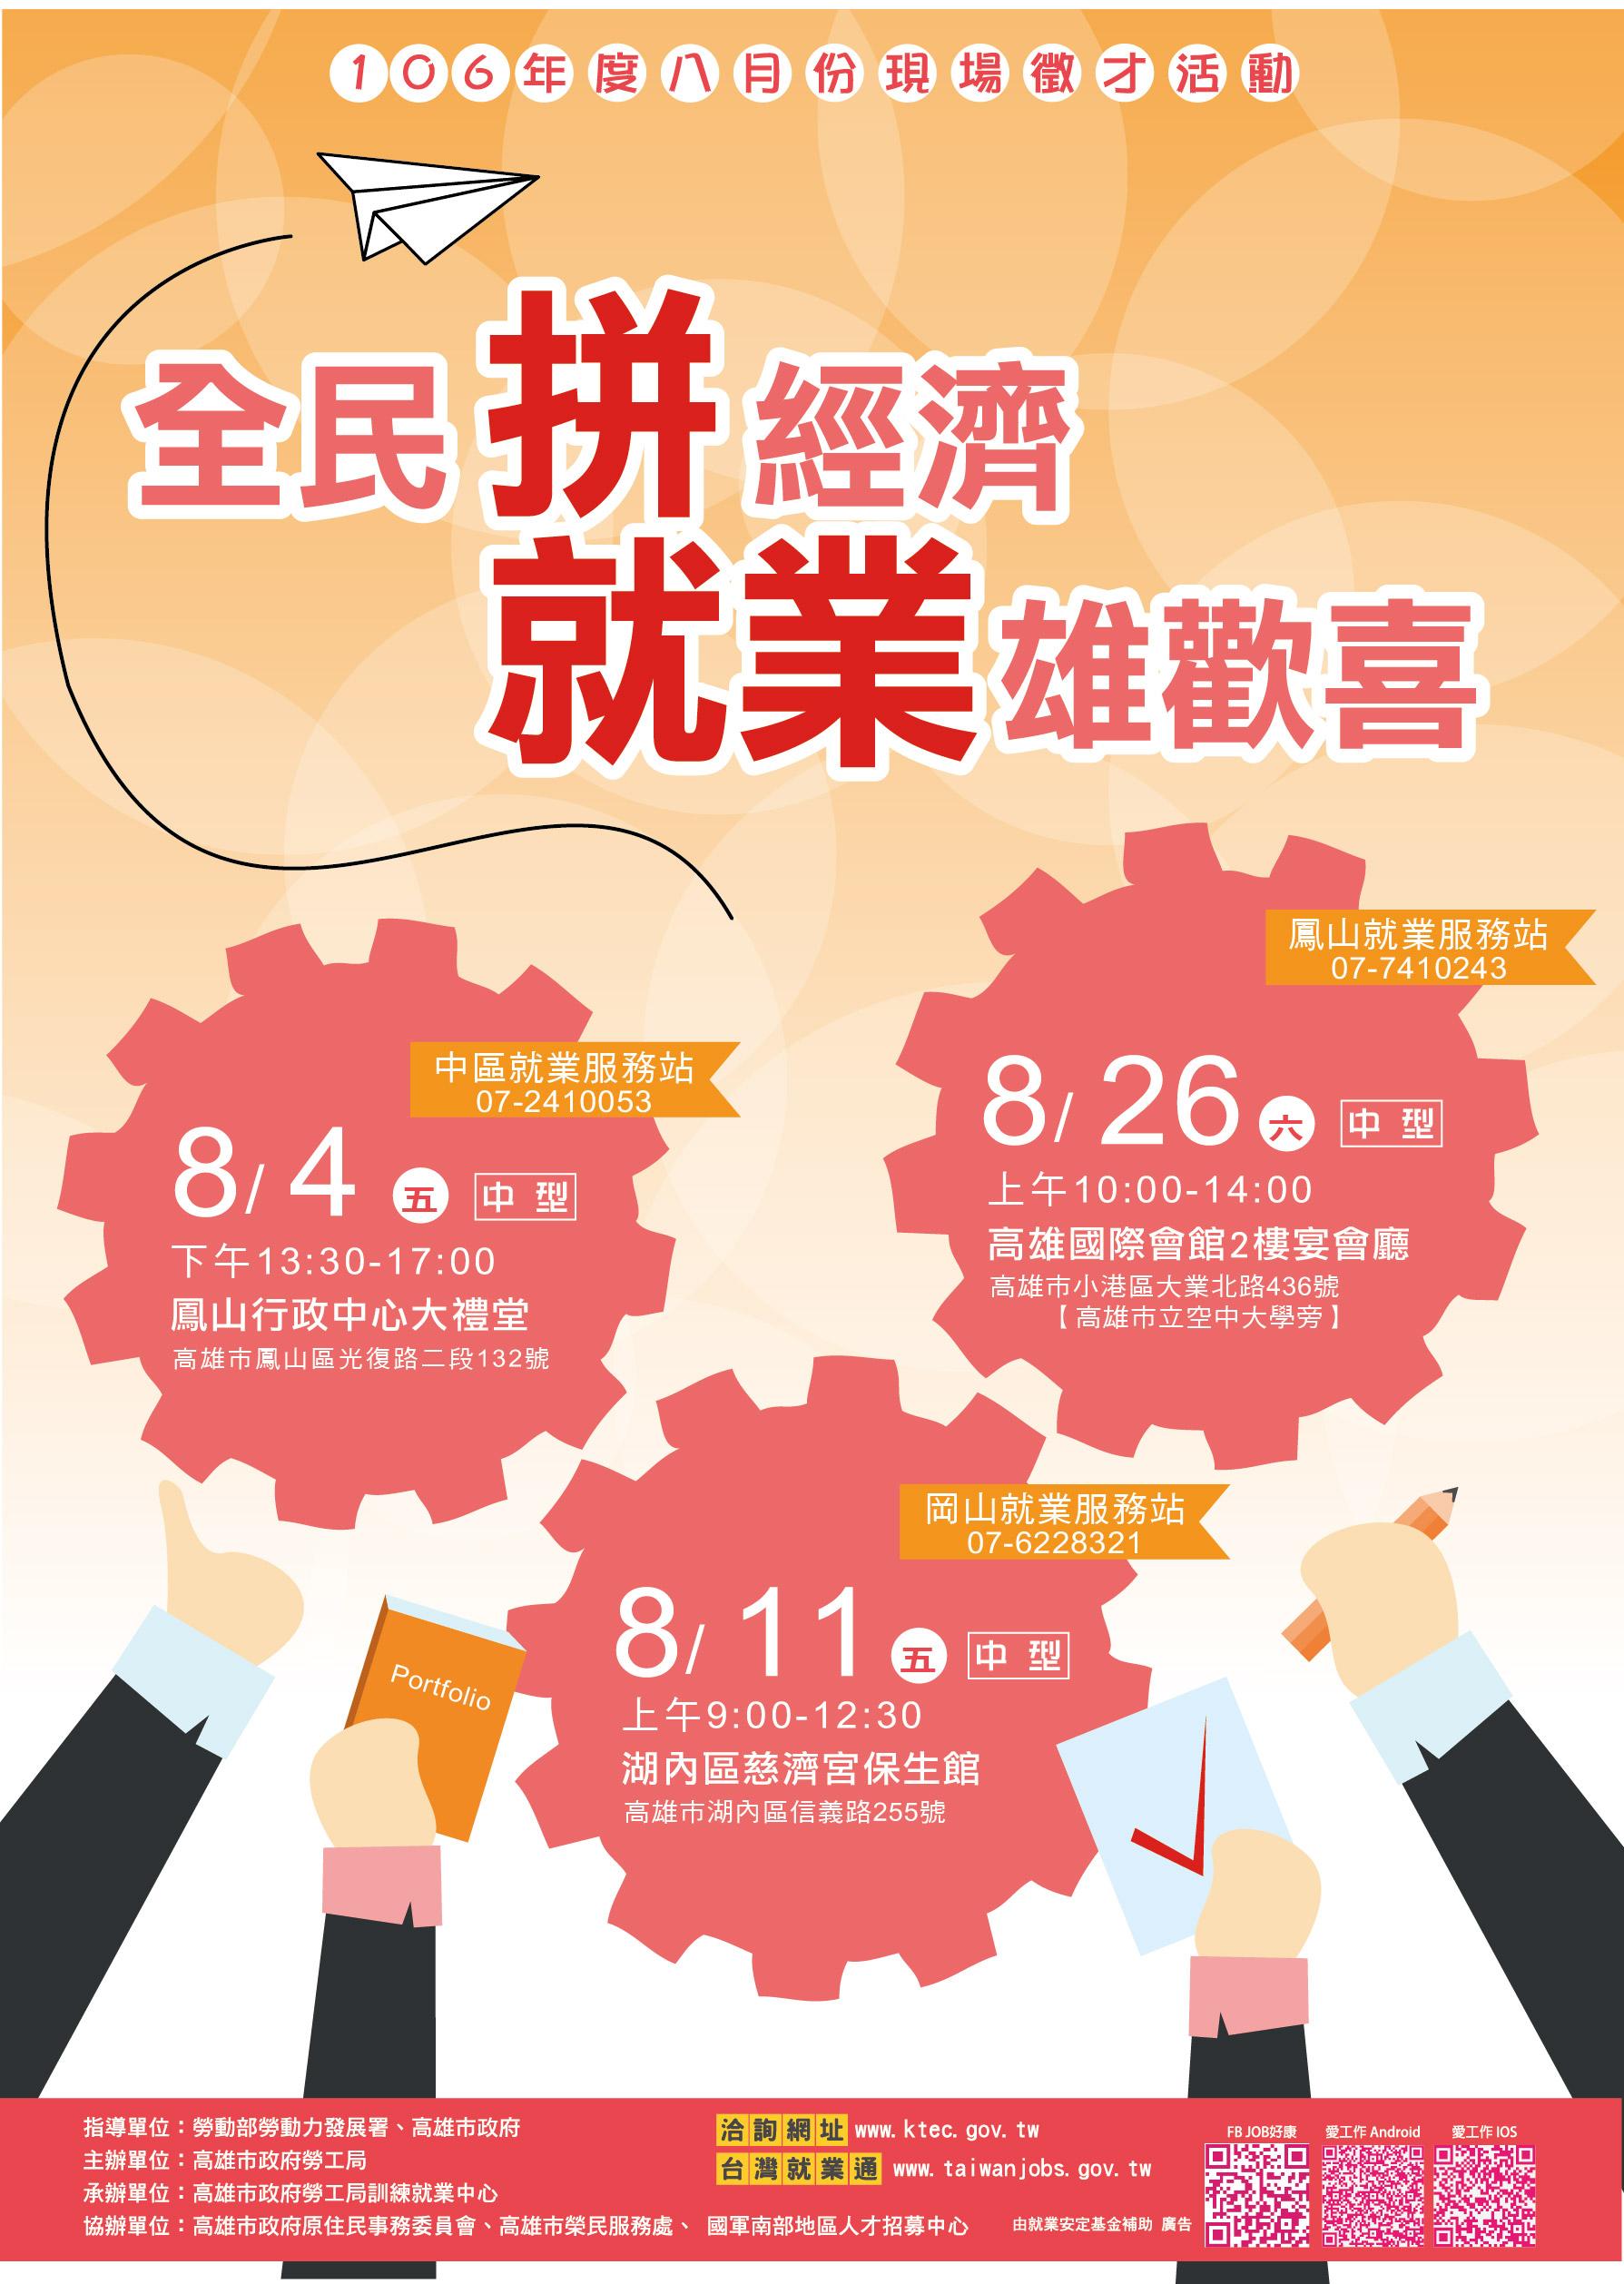 勞工局訓就中心「全民拼經濟 就業雄歡喜」8月份中型現場徵才活動